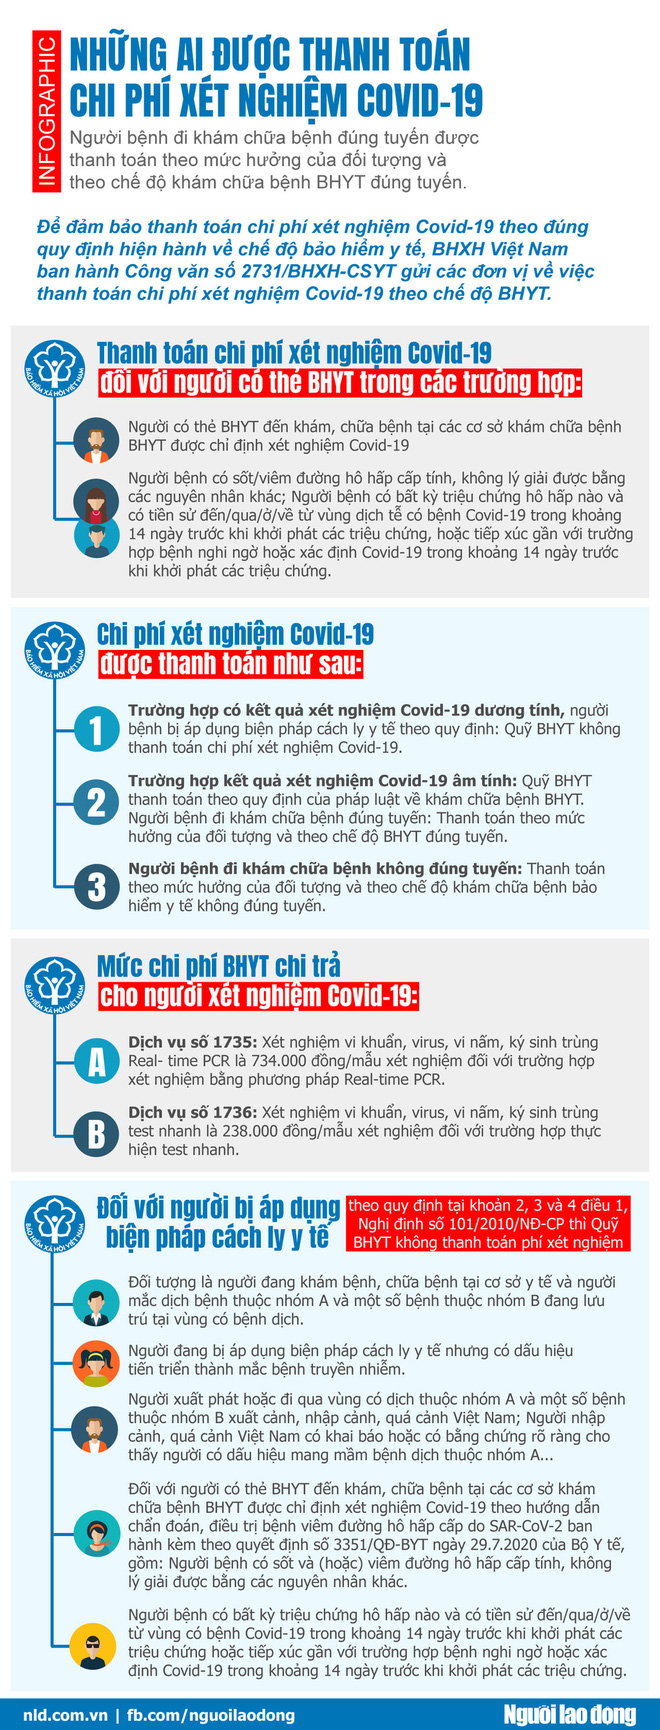 [Infographic] Những ai được thanh toán chi phí xét nghiệm Covid-19 - Ảnh 1.